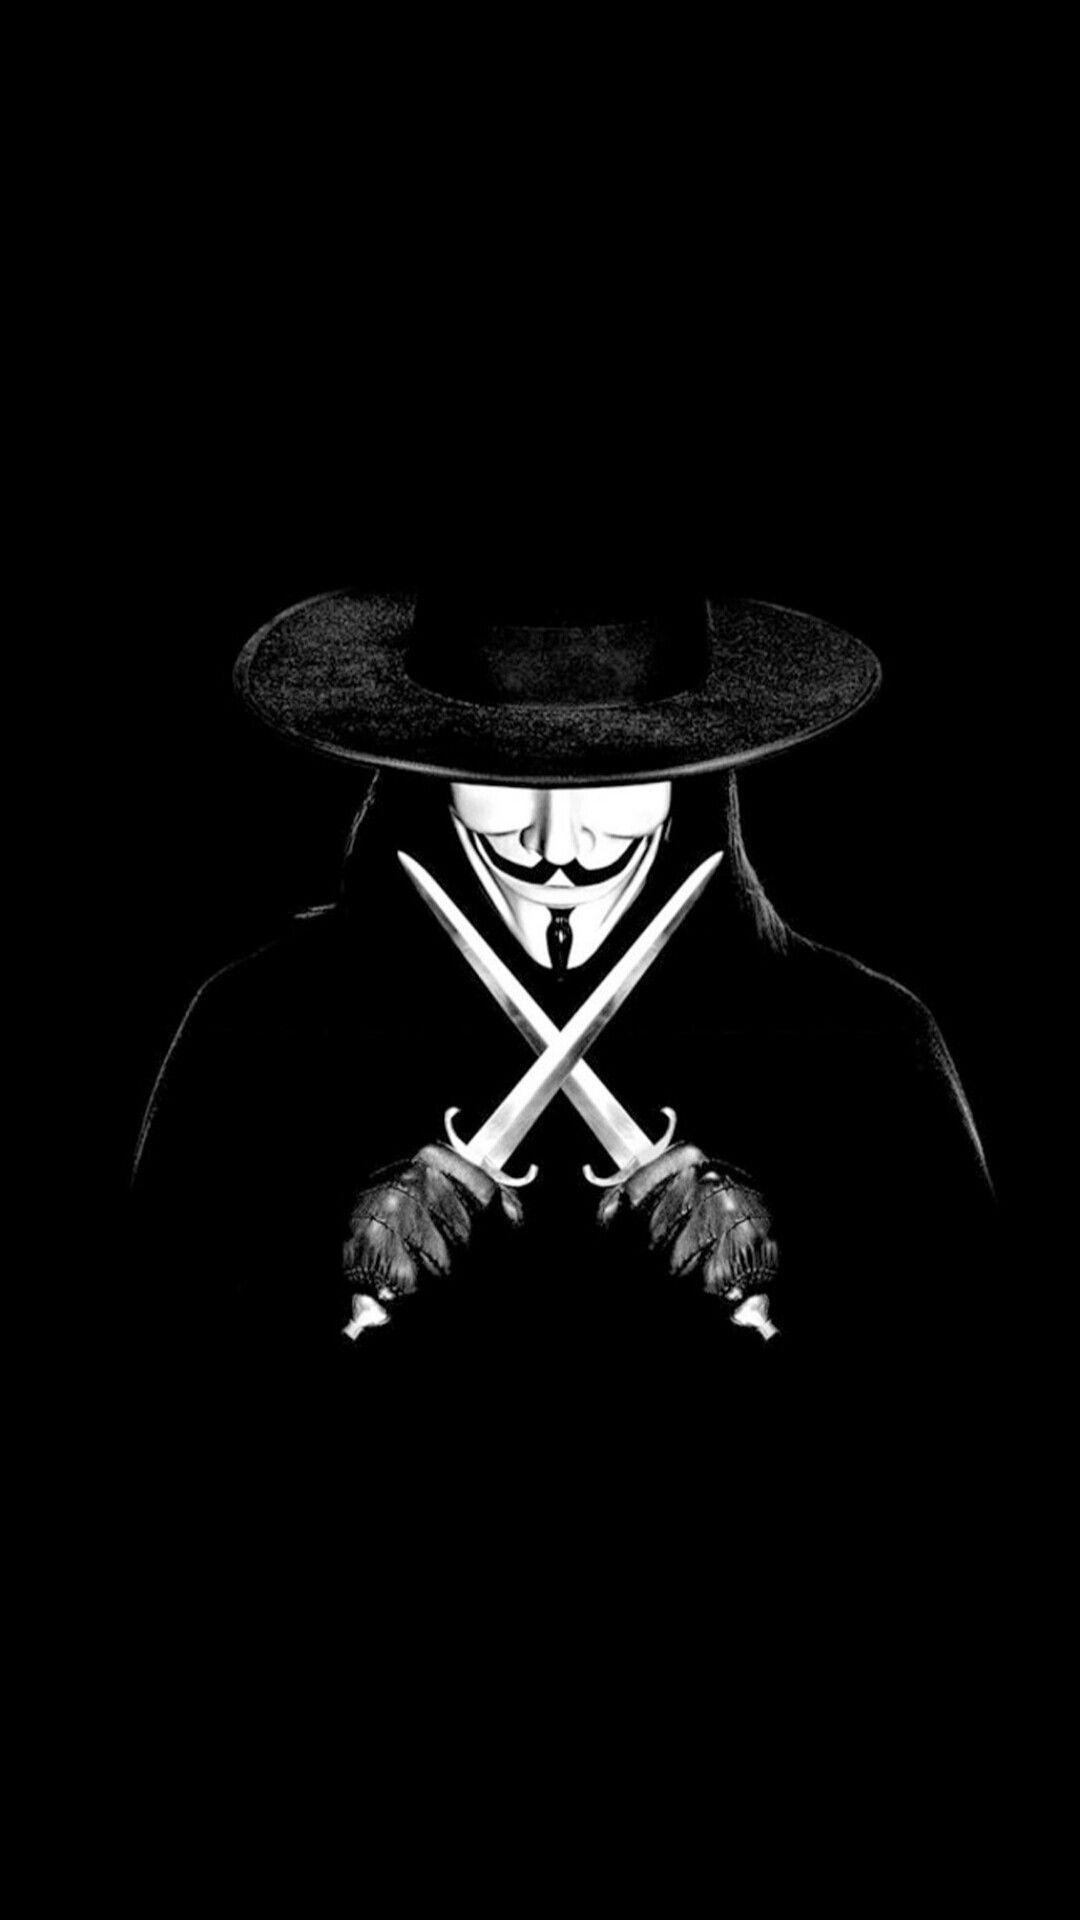 V De Vinganca 4k 4k Vinganca Vendeta V De Vinganca Wallpaper